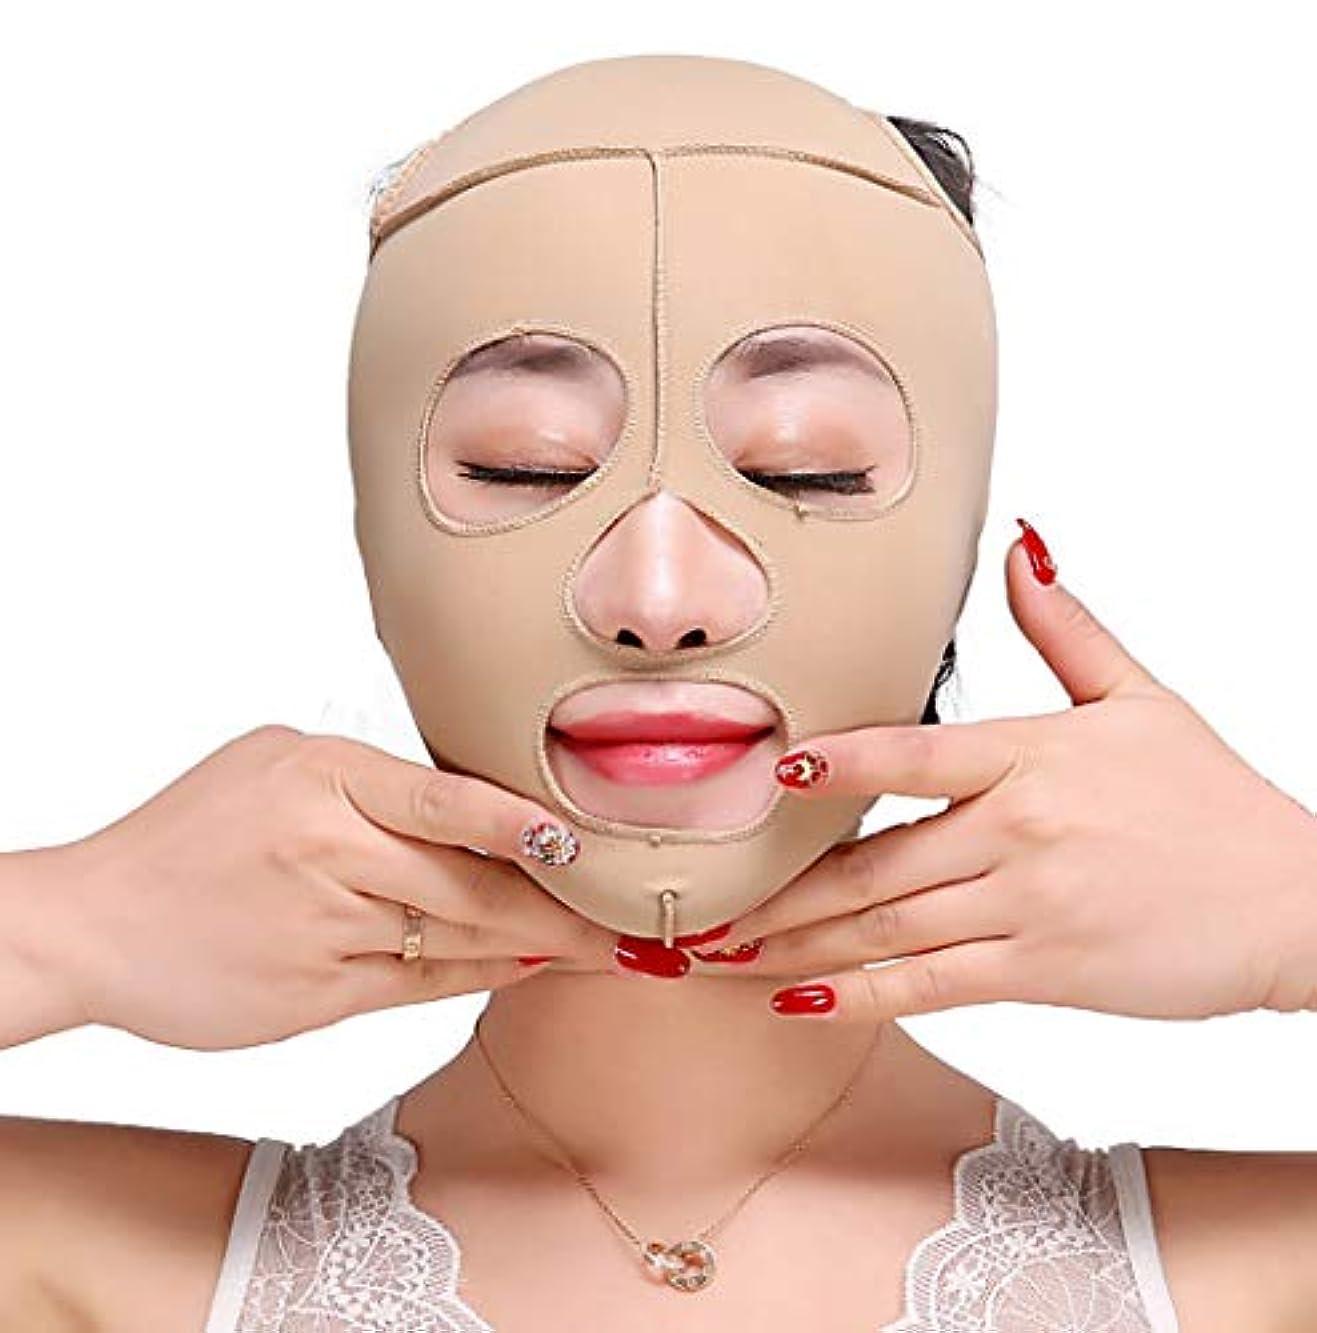 抽出検索エンジンマーケティング完璧なTLMY 痩身ベルト痩身ベルト薄い顔の包帯小V顔の顔の薄い顔のマスク包帯の強化引き締めV顔美容マスク小さな顔の包帯の頭飾り修正顔の形 顔用整形マスク (Size : M)